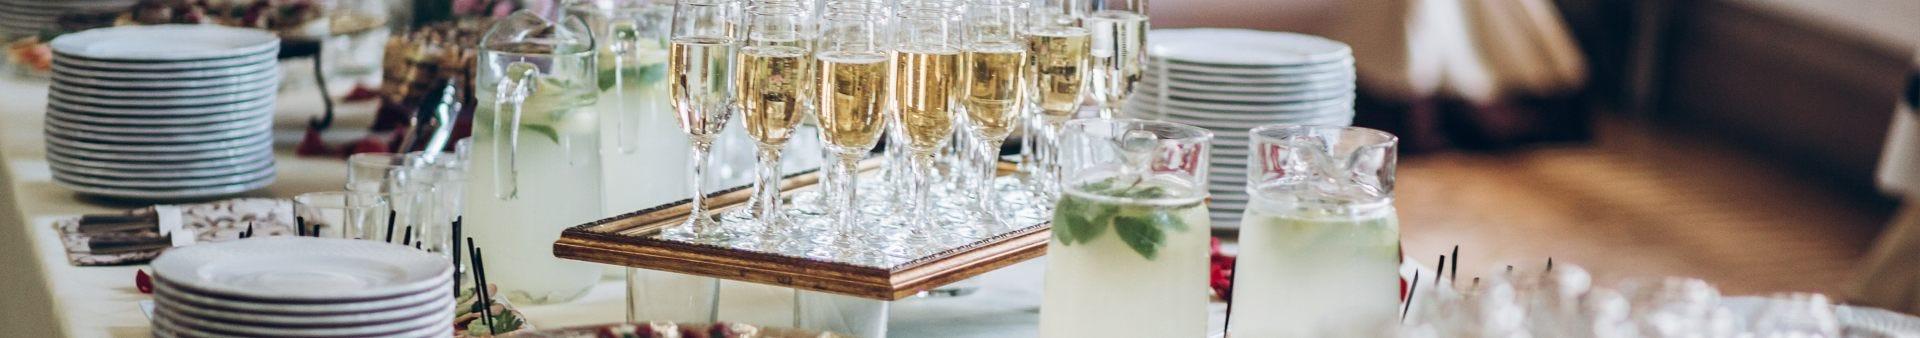 MBA em Gastronomia e Gestão de Negócios em Alimentos e Bebidas